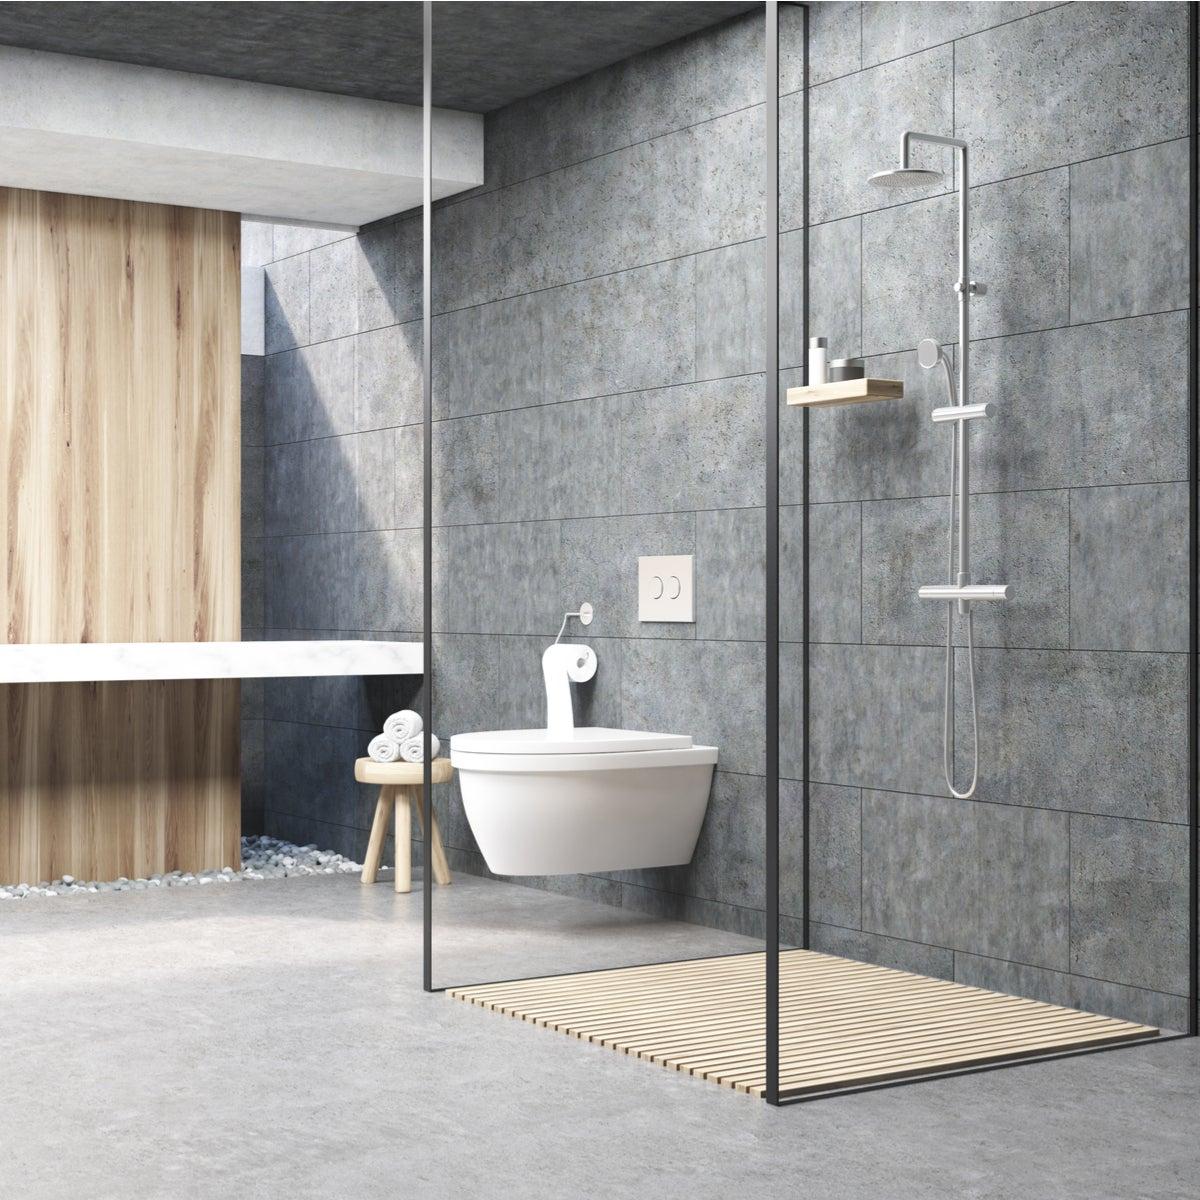 Consejos para elegir la mampara perfecta en funci n de tu ba o for Tipos de mamparas para platos de ducha